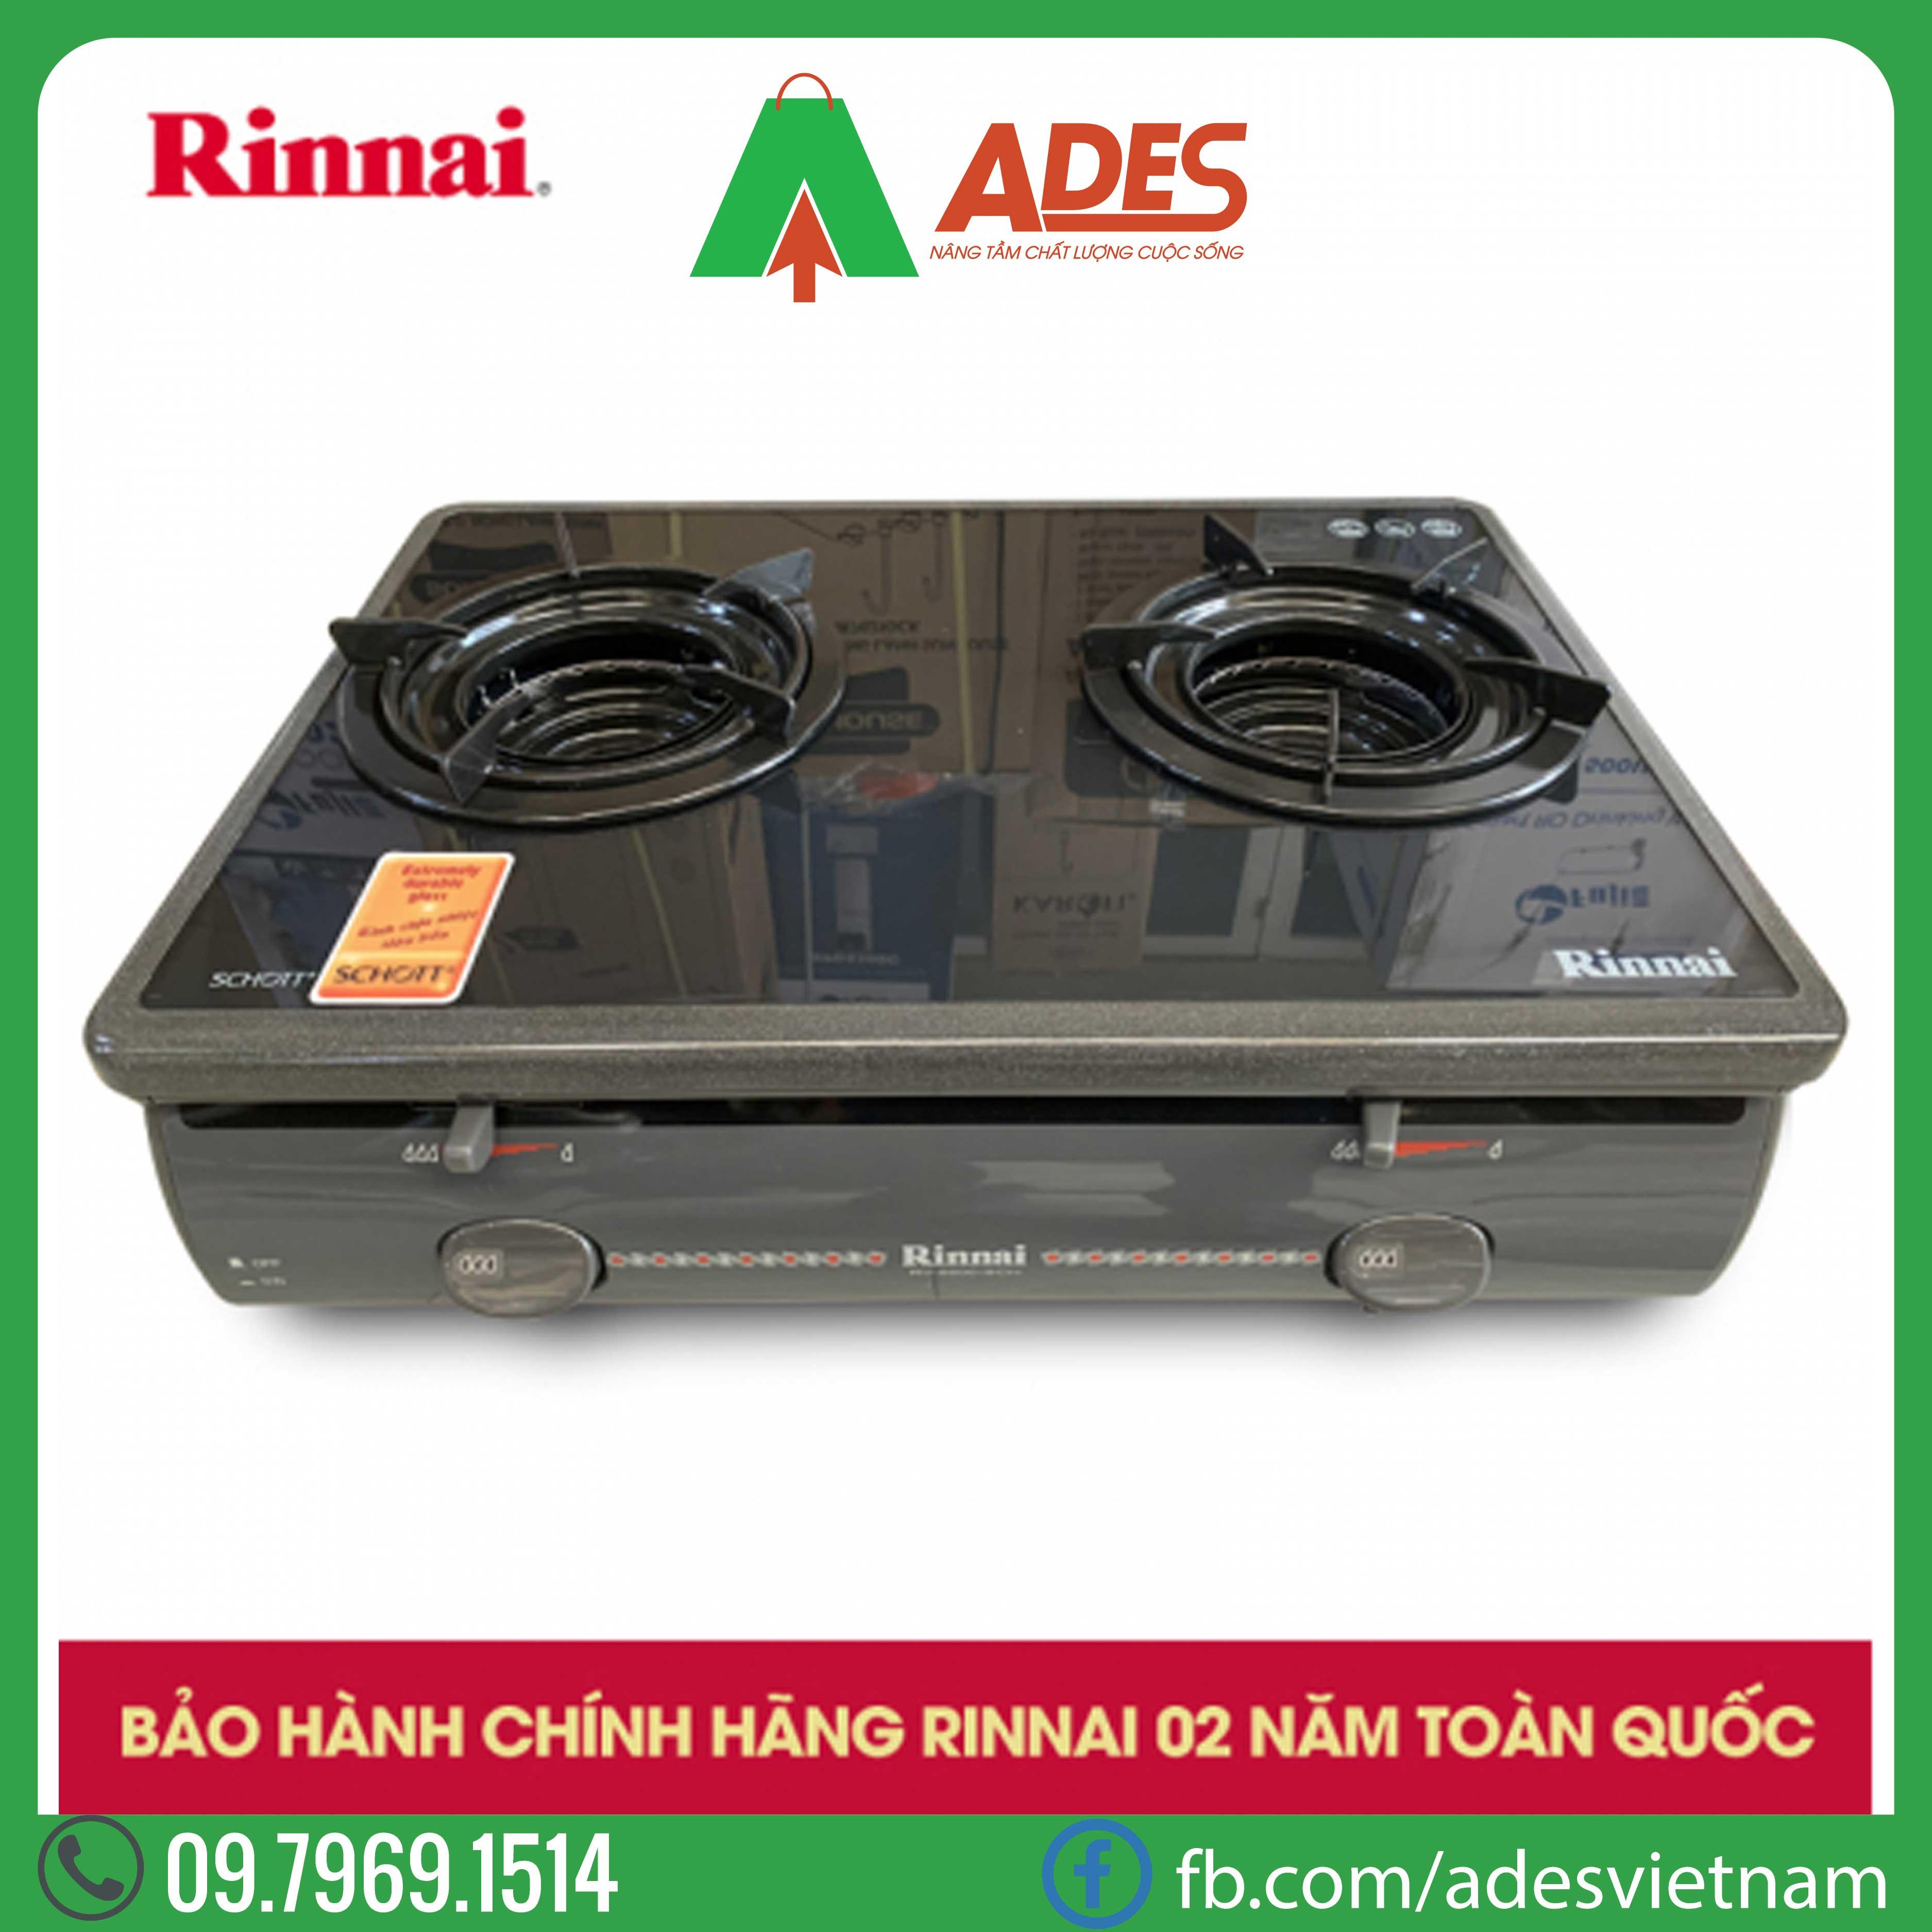 Bep gas duong Rinnai RV-5600-SCH(BK)